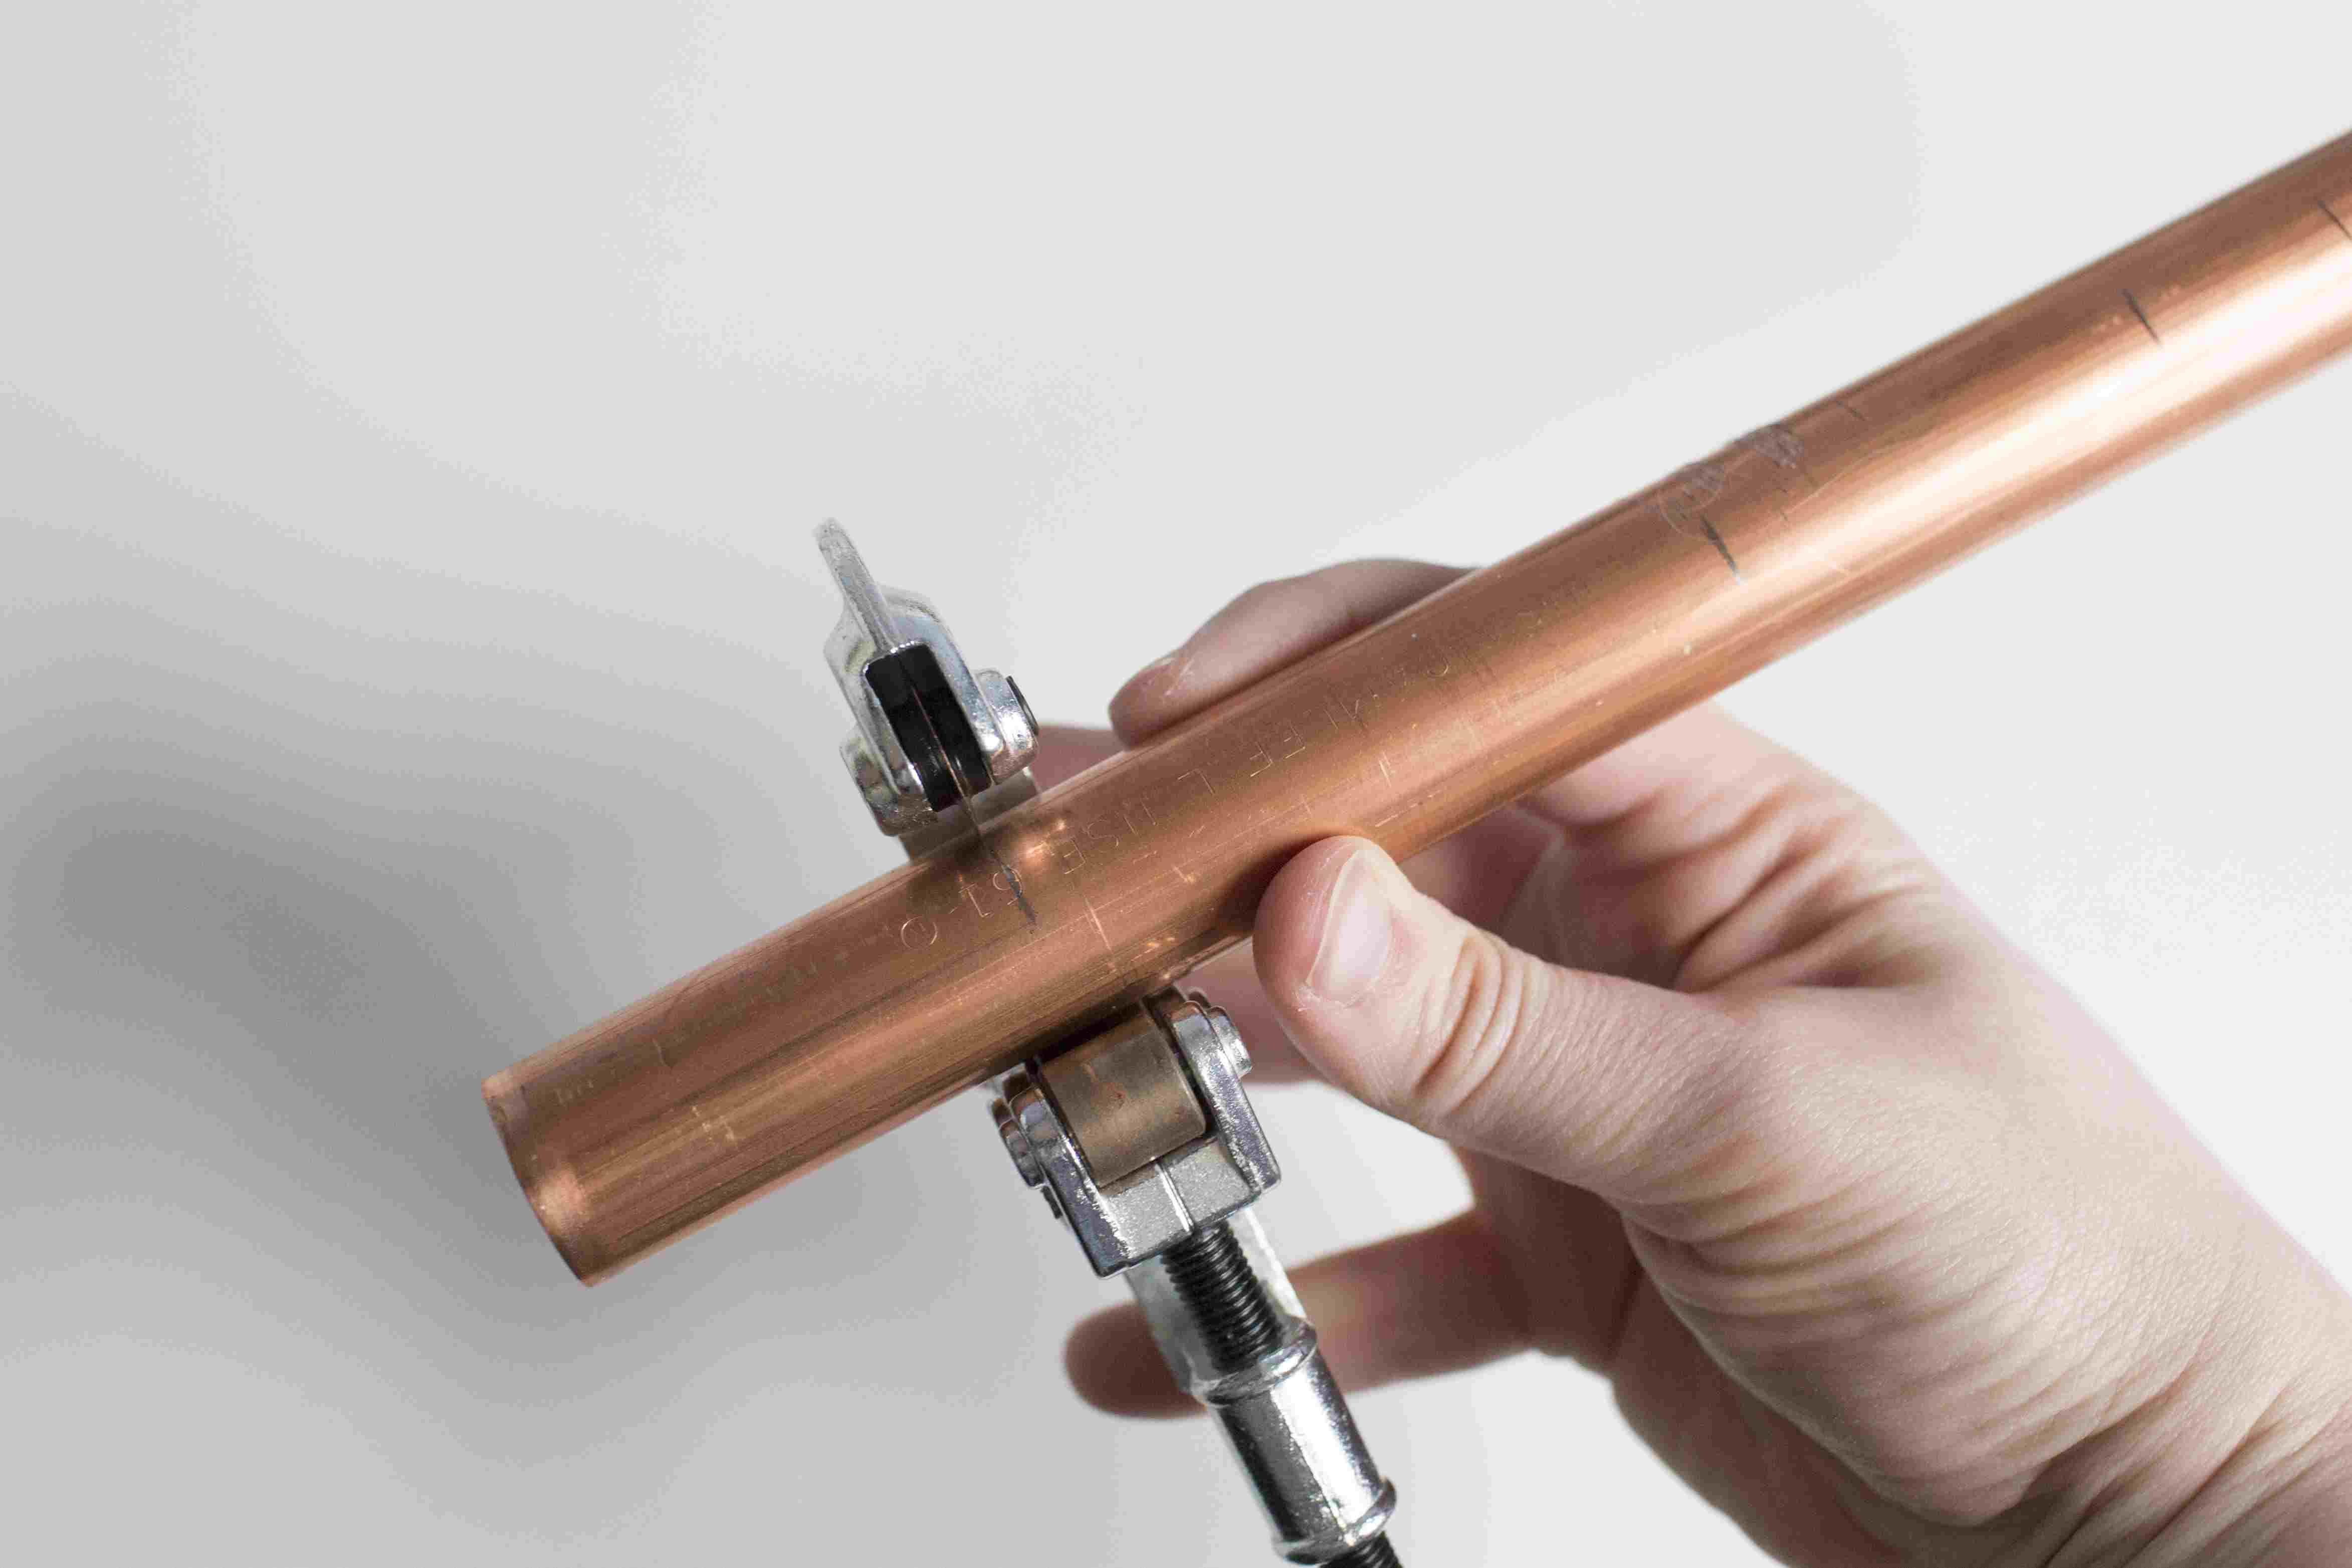 Cutting a copper pipe